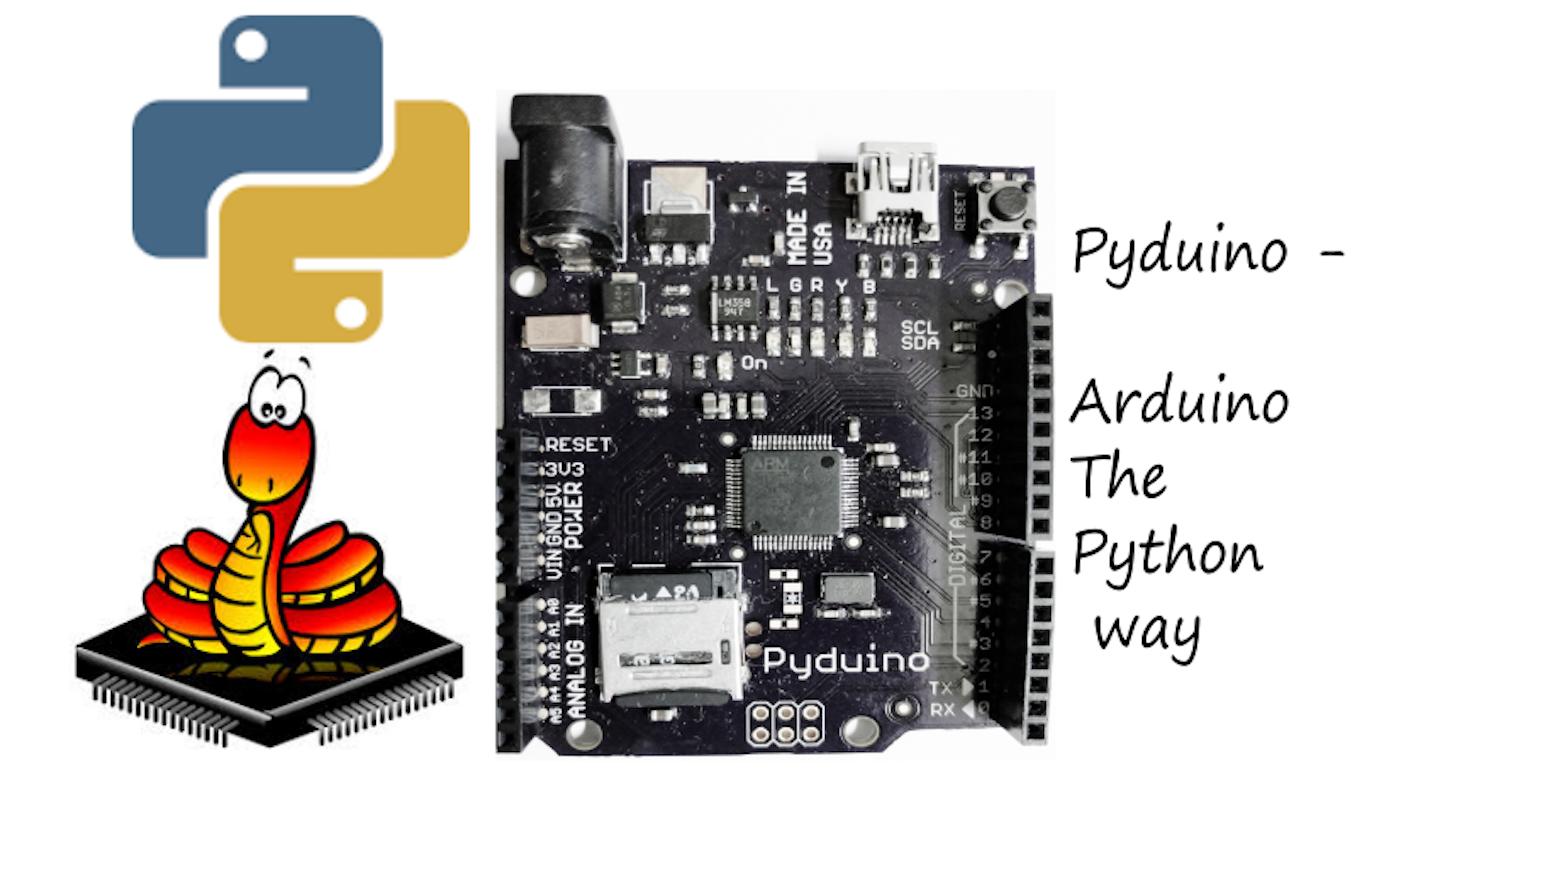 Pyduino - Arduino the python way by Nitin — Kickstarter